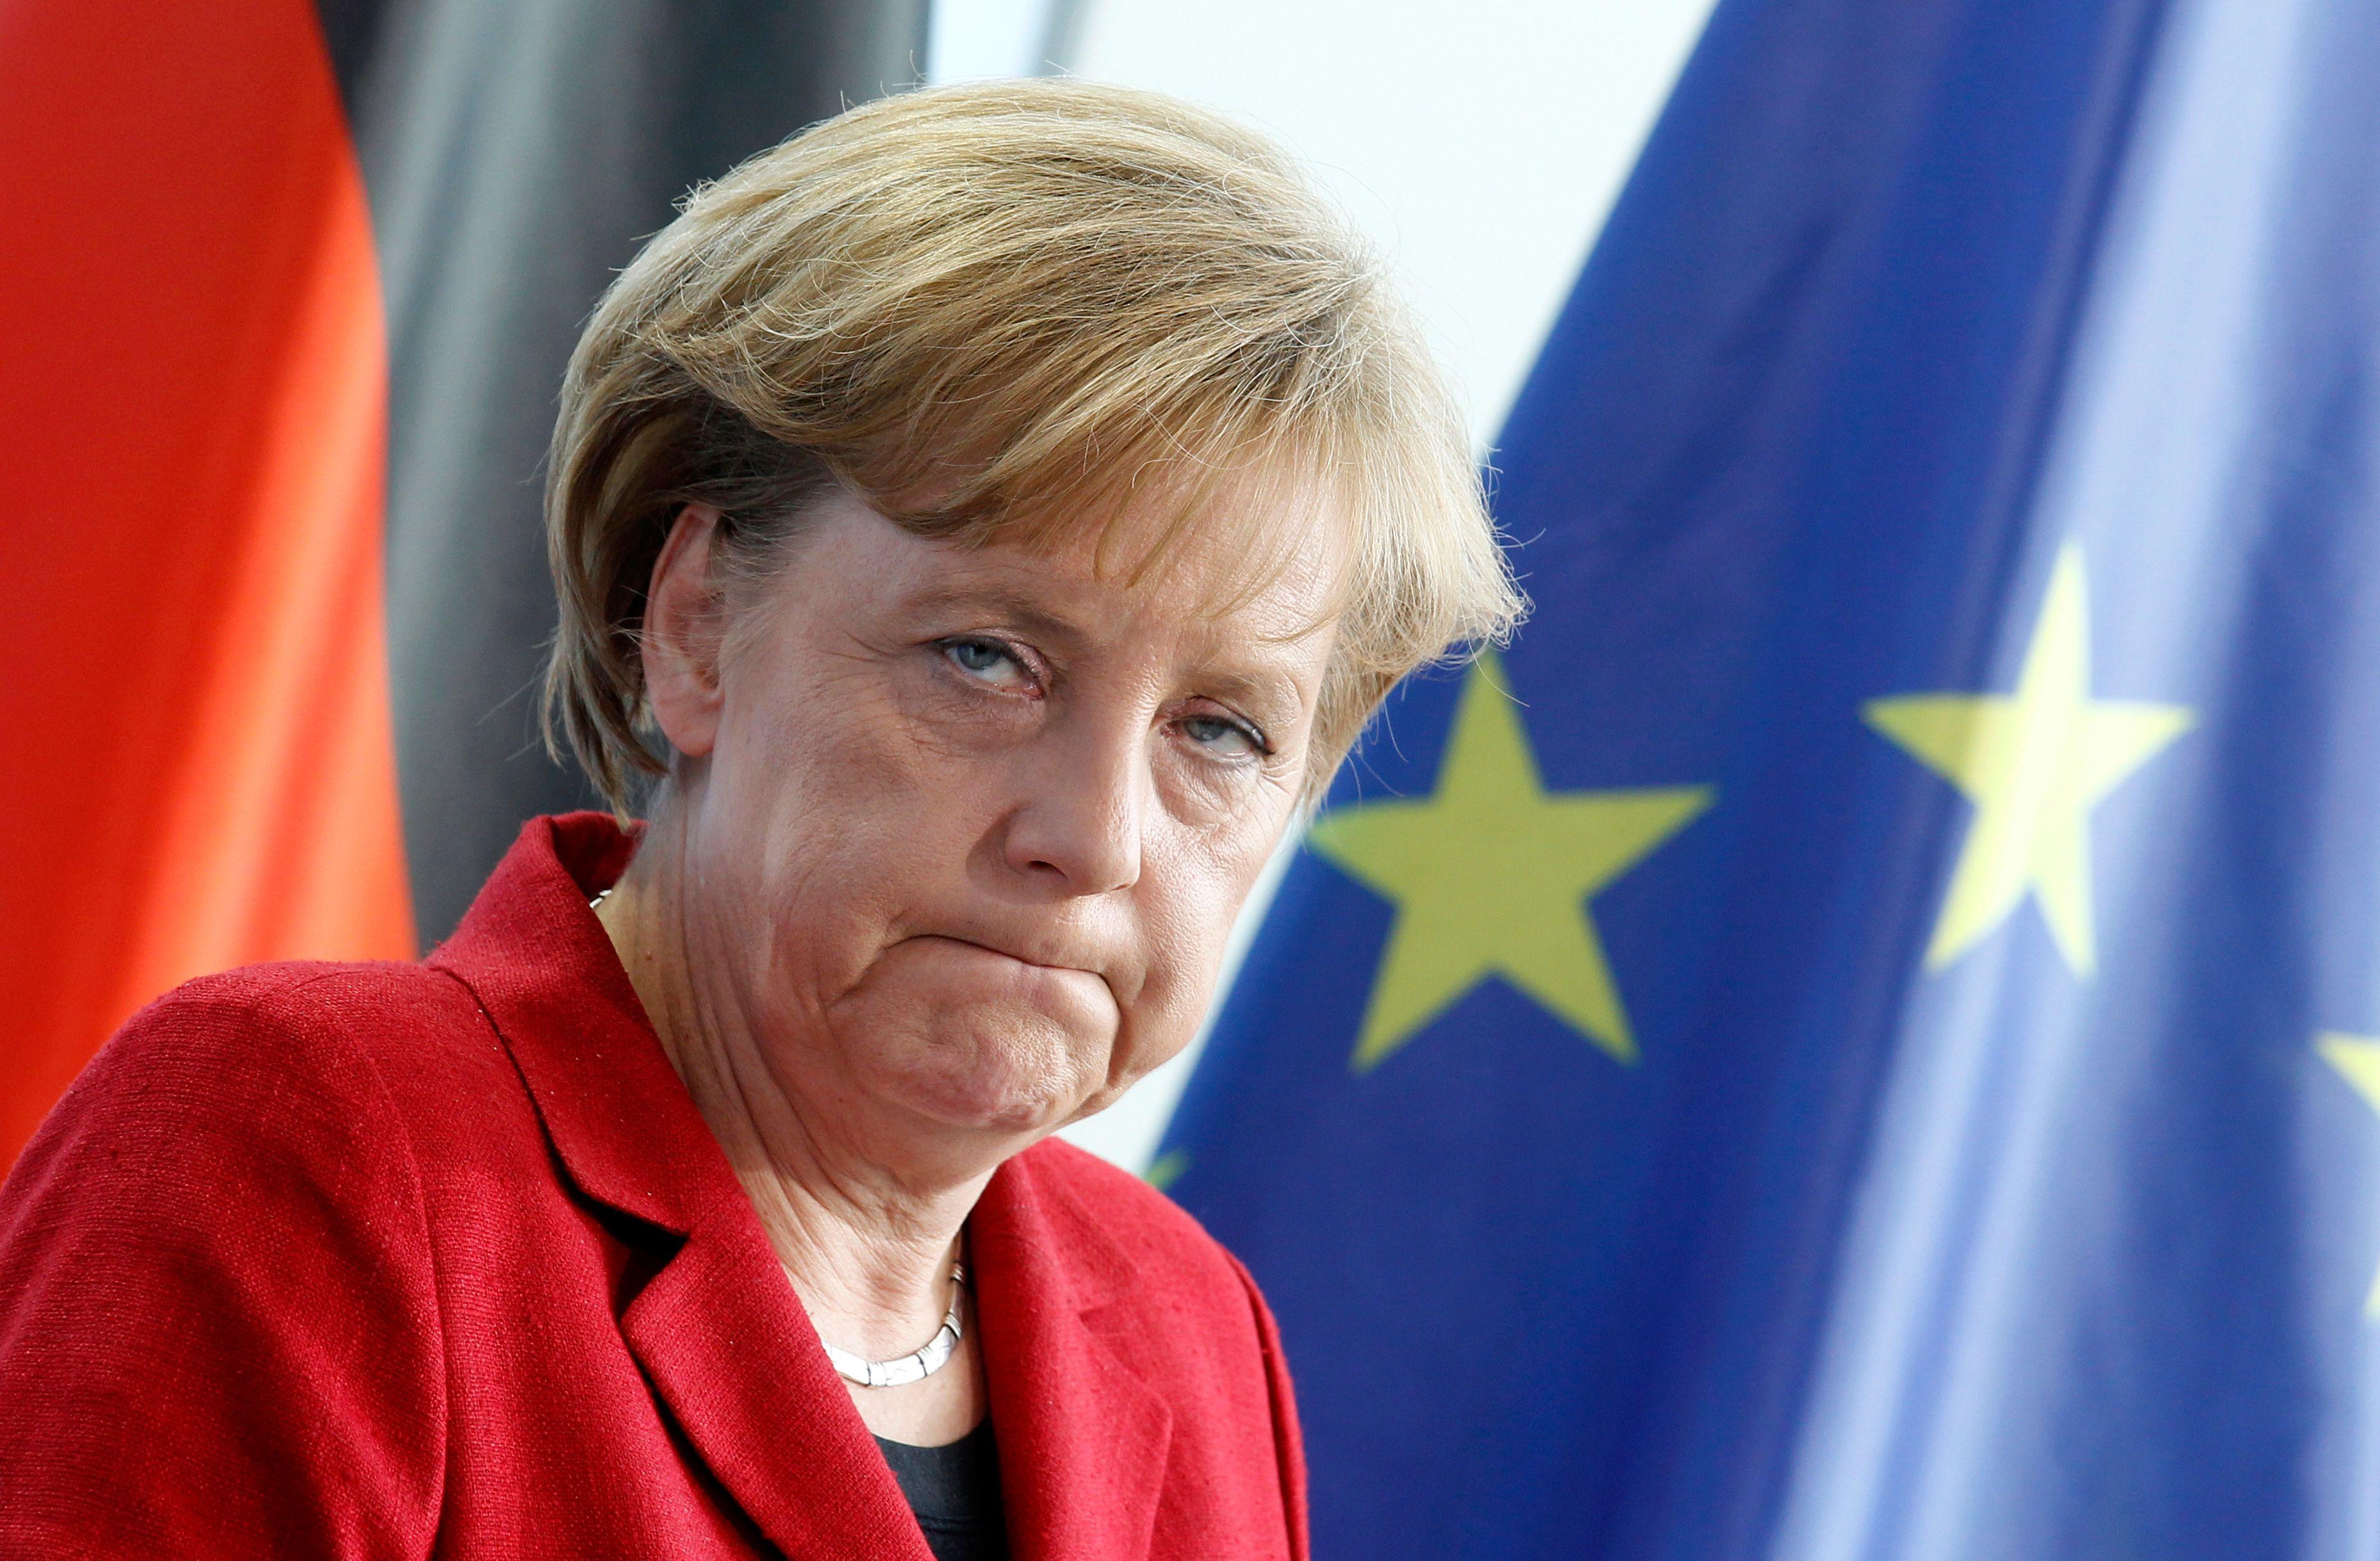 La diplomatie allemande face à la crise ukrainienne et irakienne